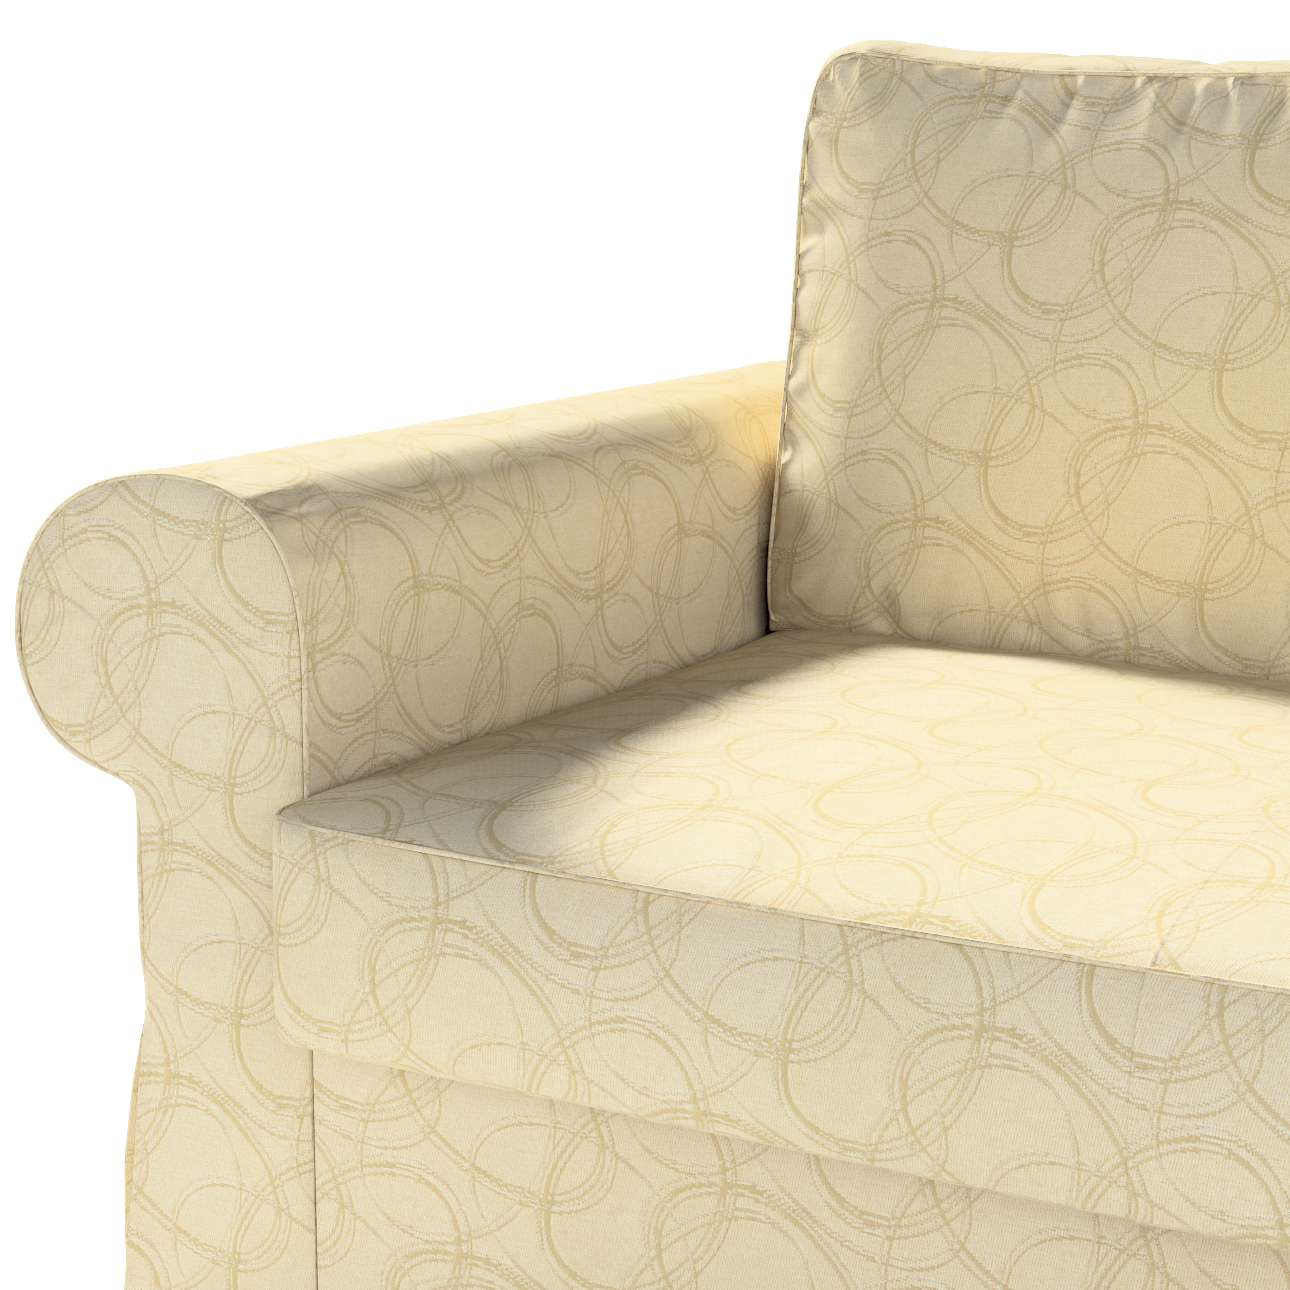 Bezug für Backabro 2-Sitzer Sofa ausklappbar von der Kollektion Living, Stoff: 161-81